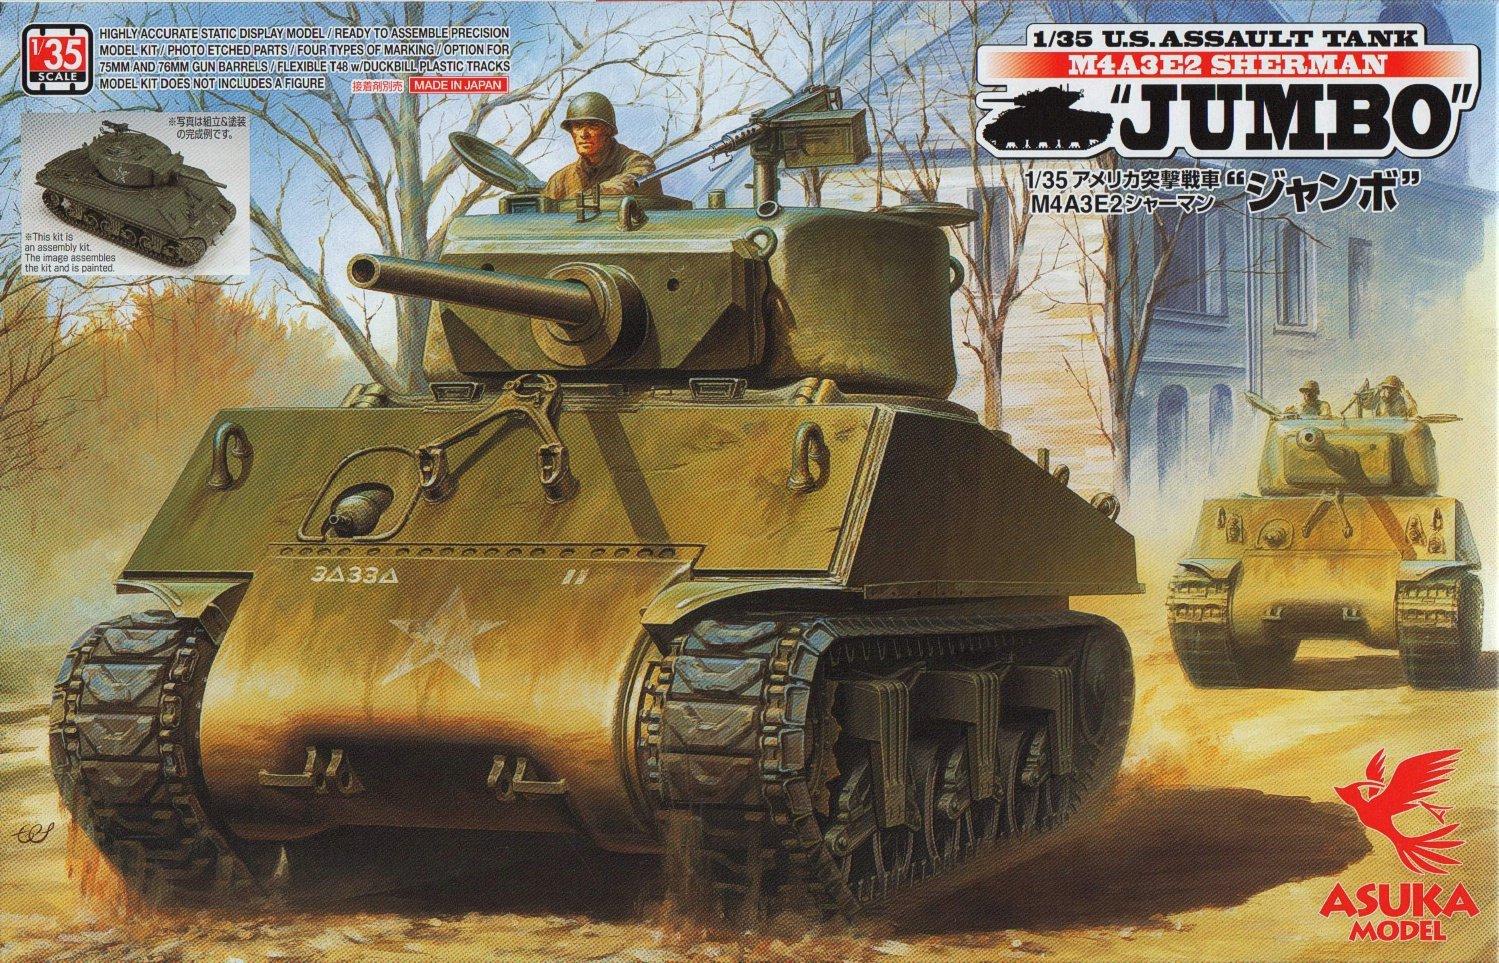 Asuka 1/35 M4A3E2 Sherman Jumbo